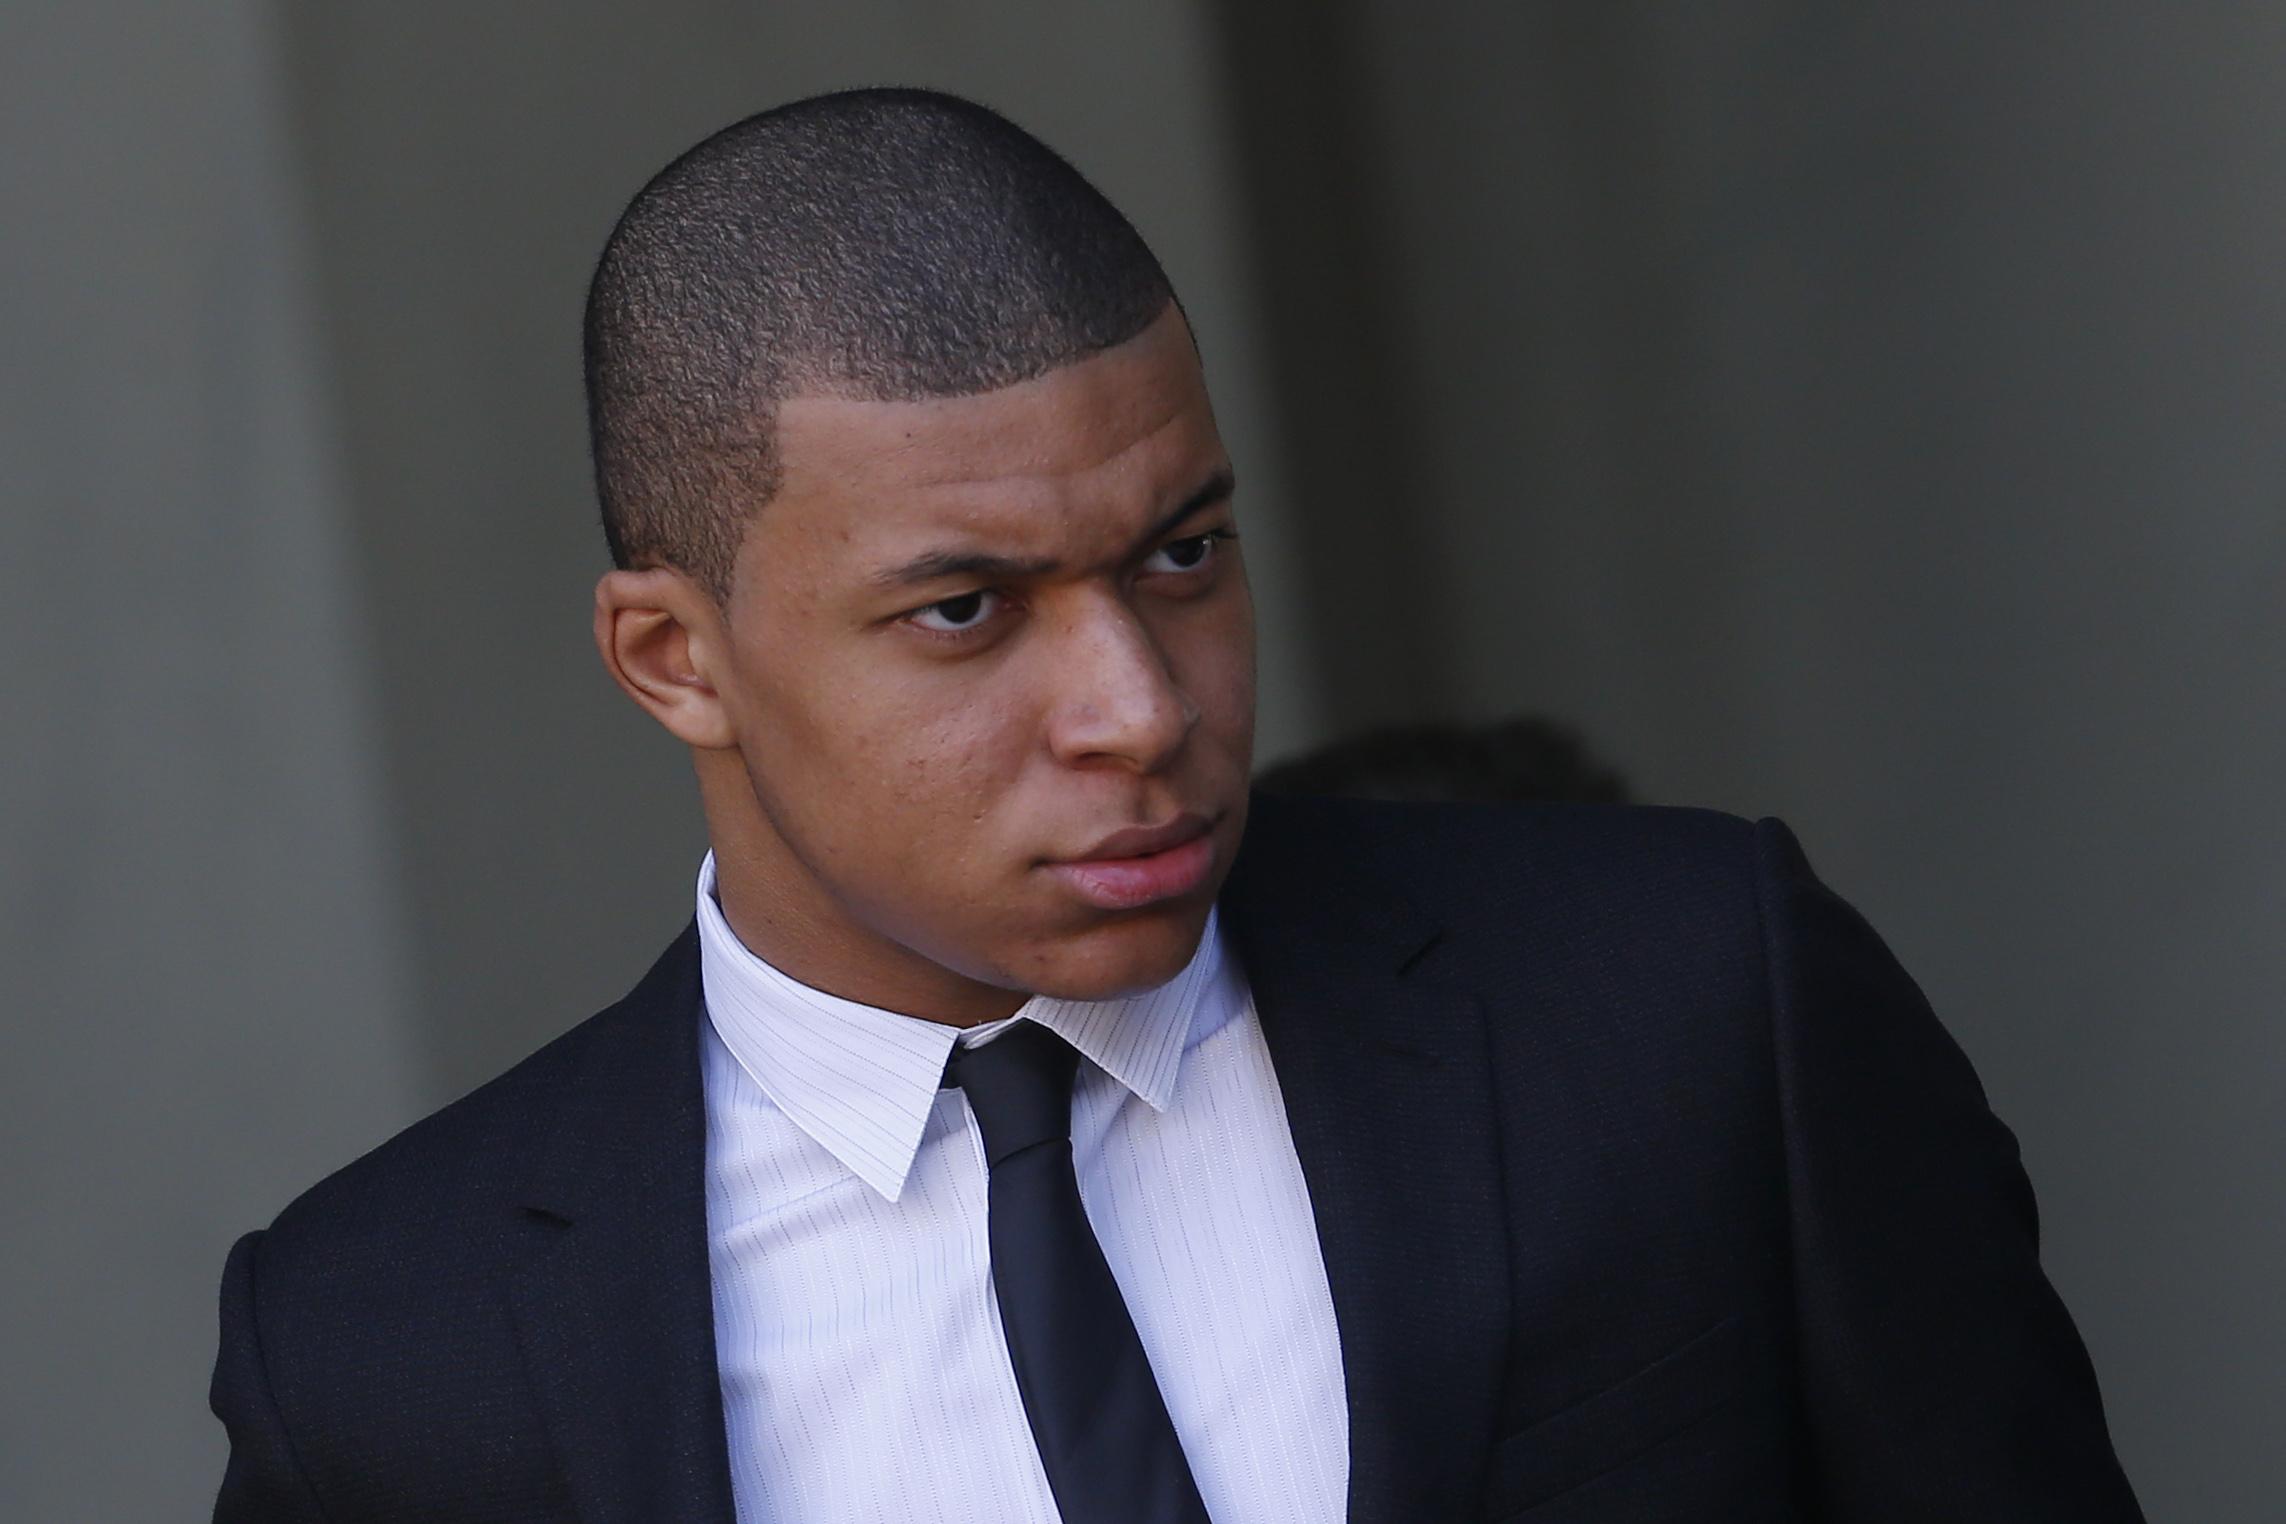 Football - Ligue 1 - La réponse cinglante de Mbappé à Assou-Ekotto sur Twitter